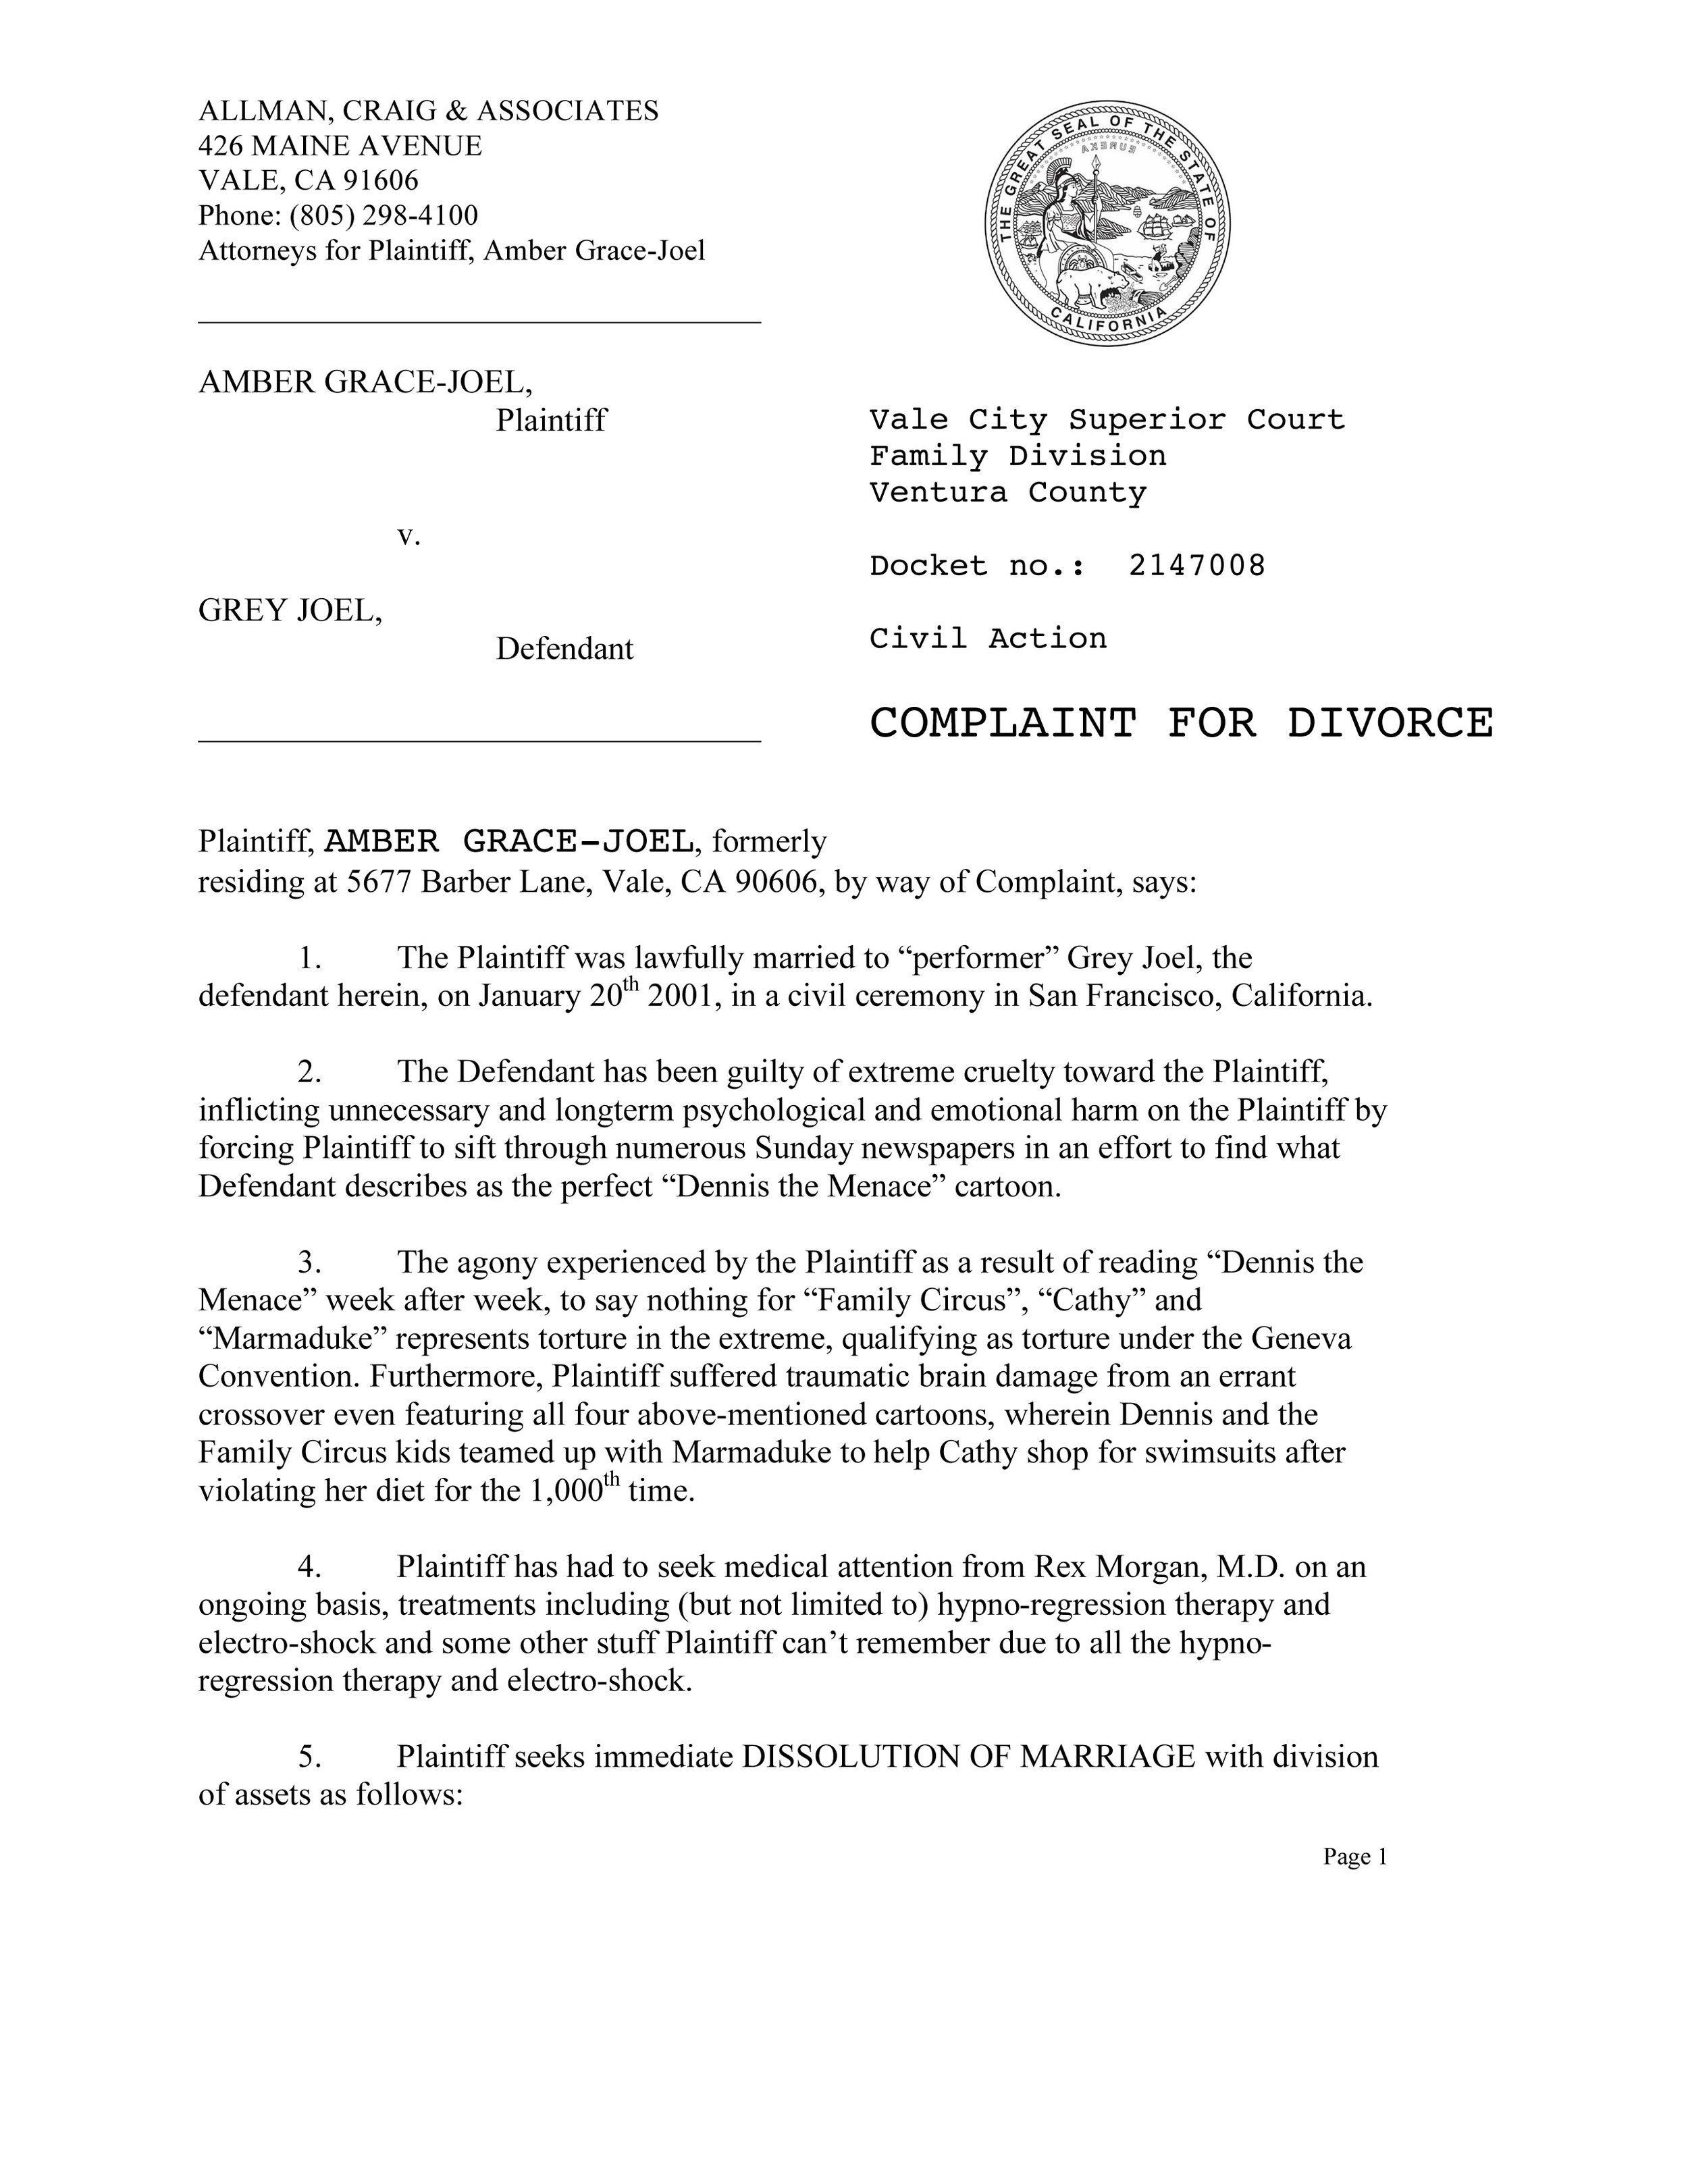 JG divorce complaint.jpg